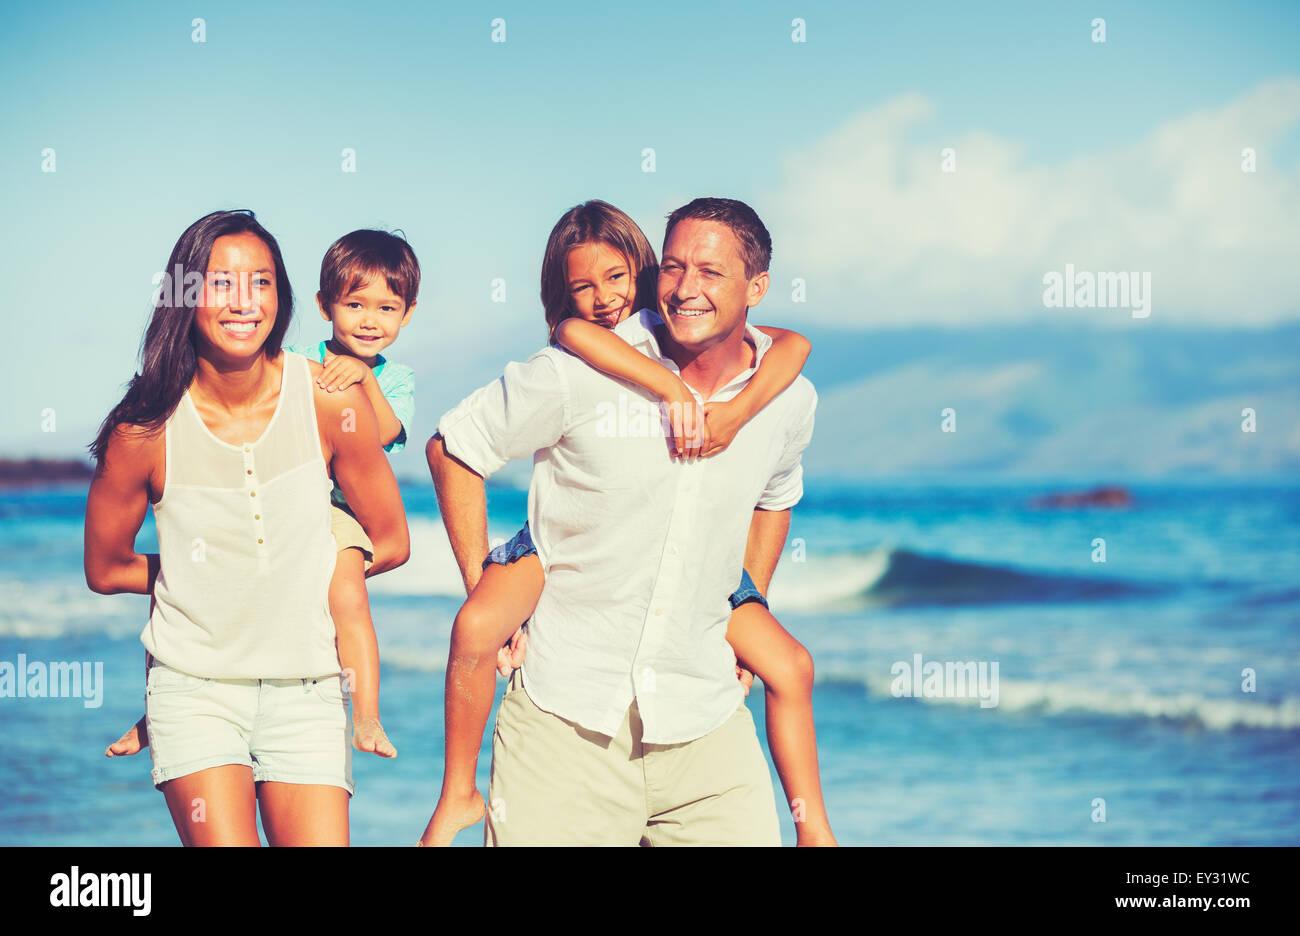 Los jóvenes feliz familia divirtiéndose en la playa al aire libre Imagen De Stock